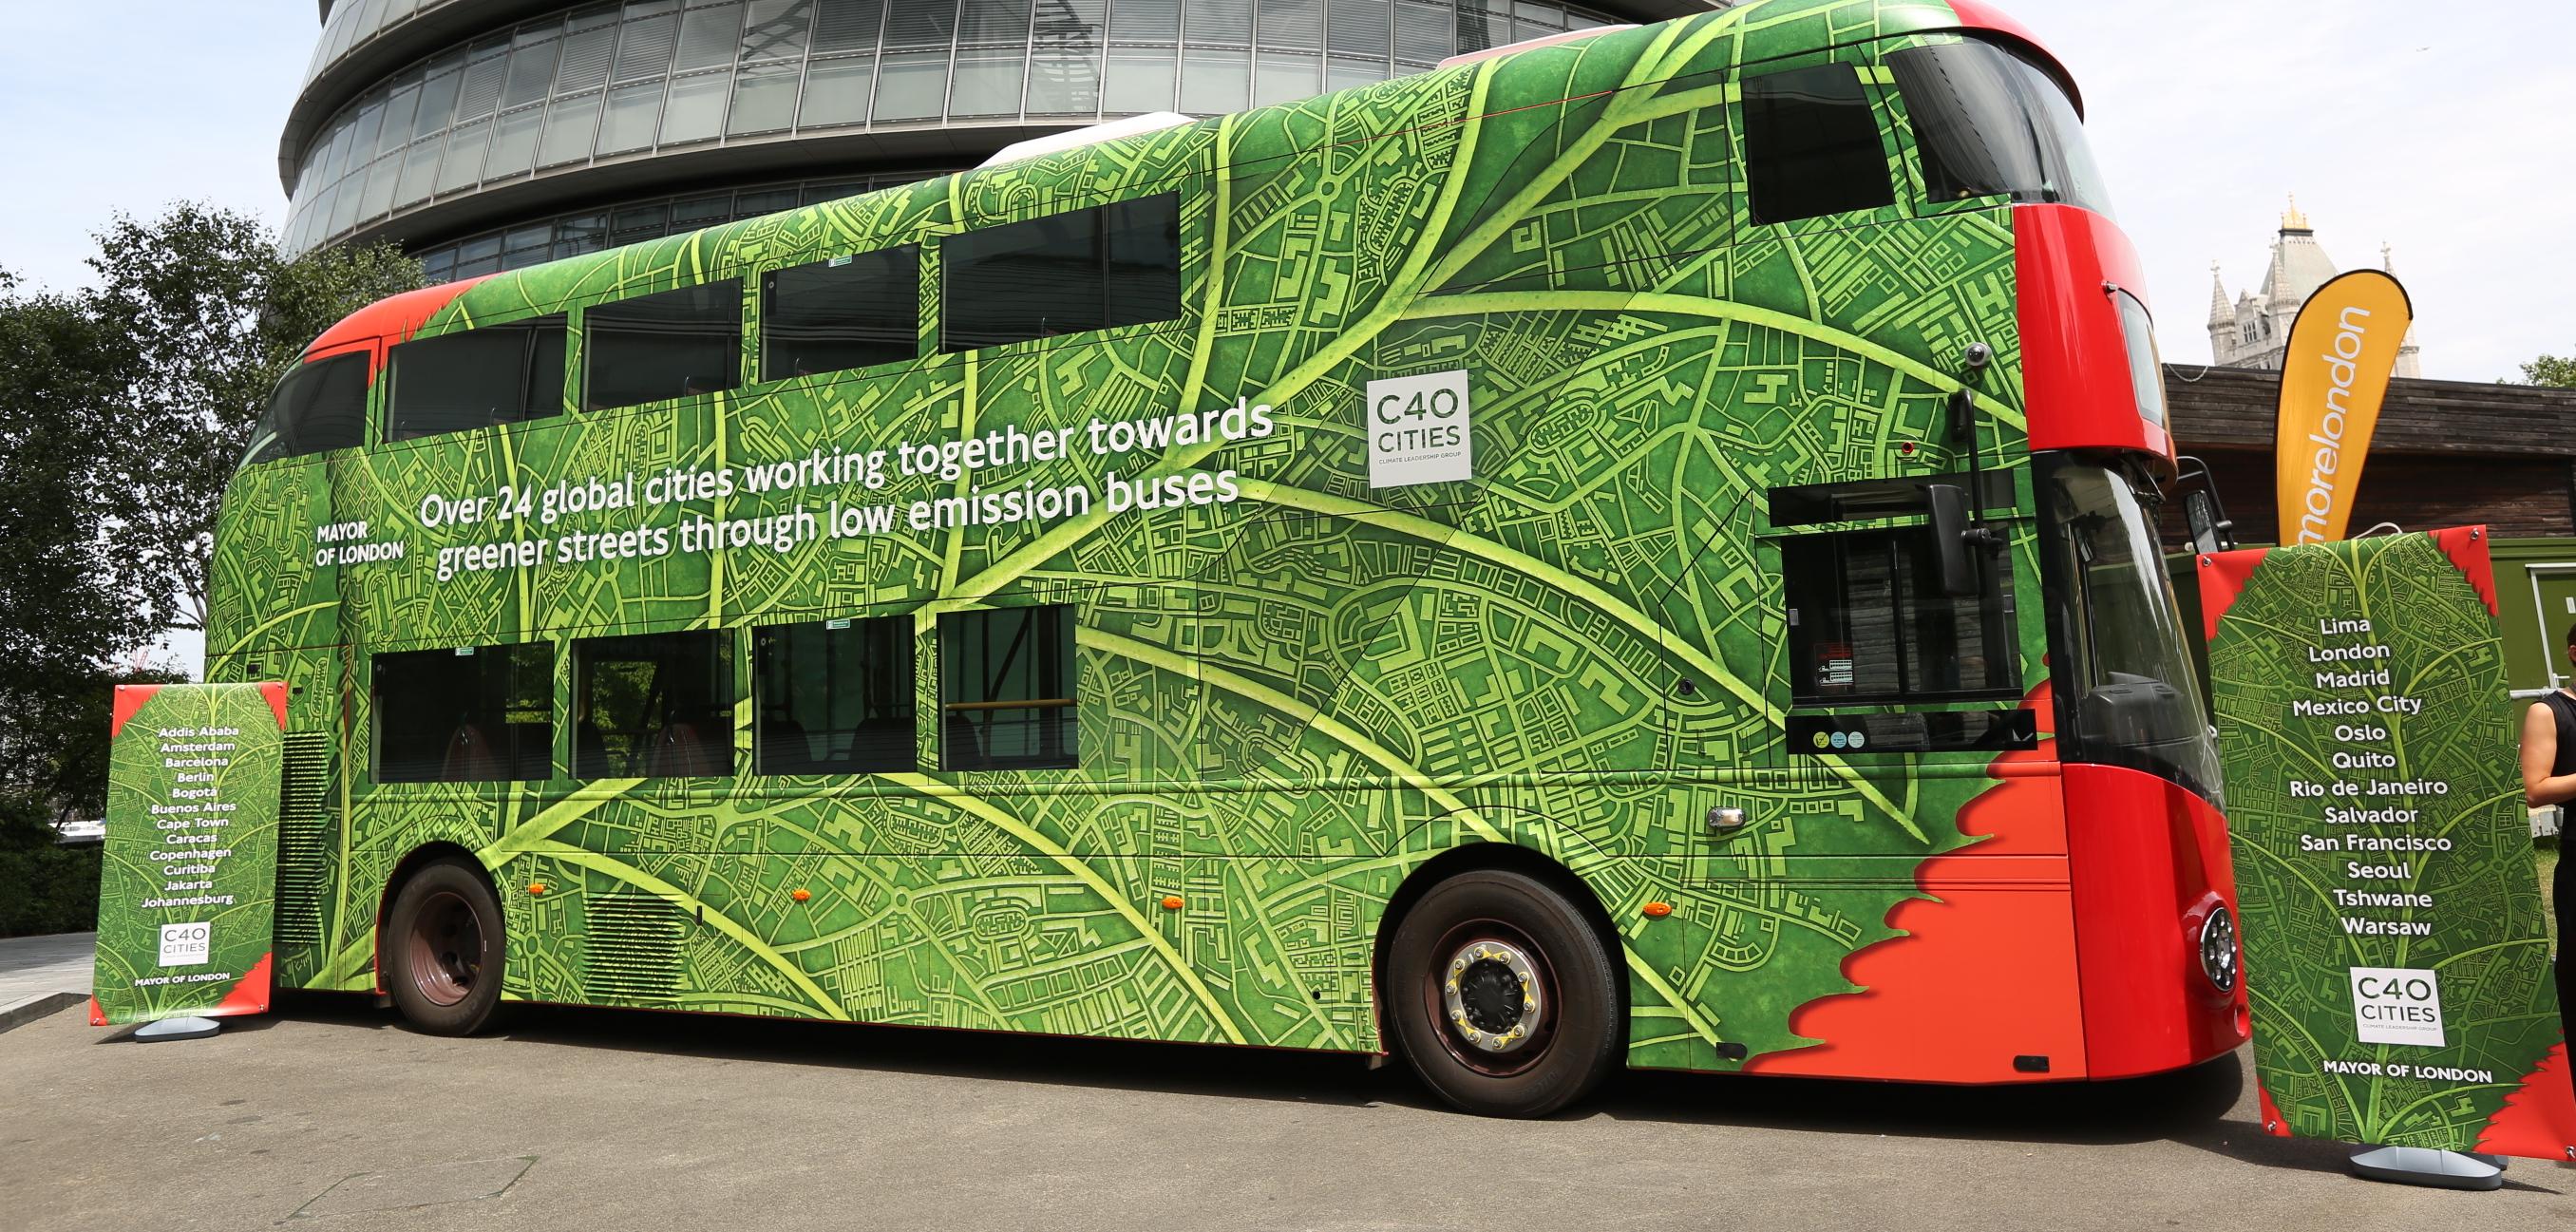 C40 bus